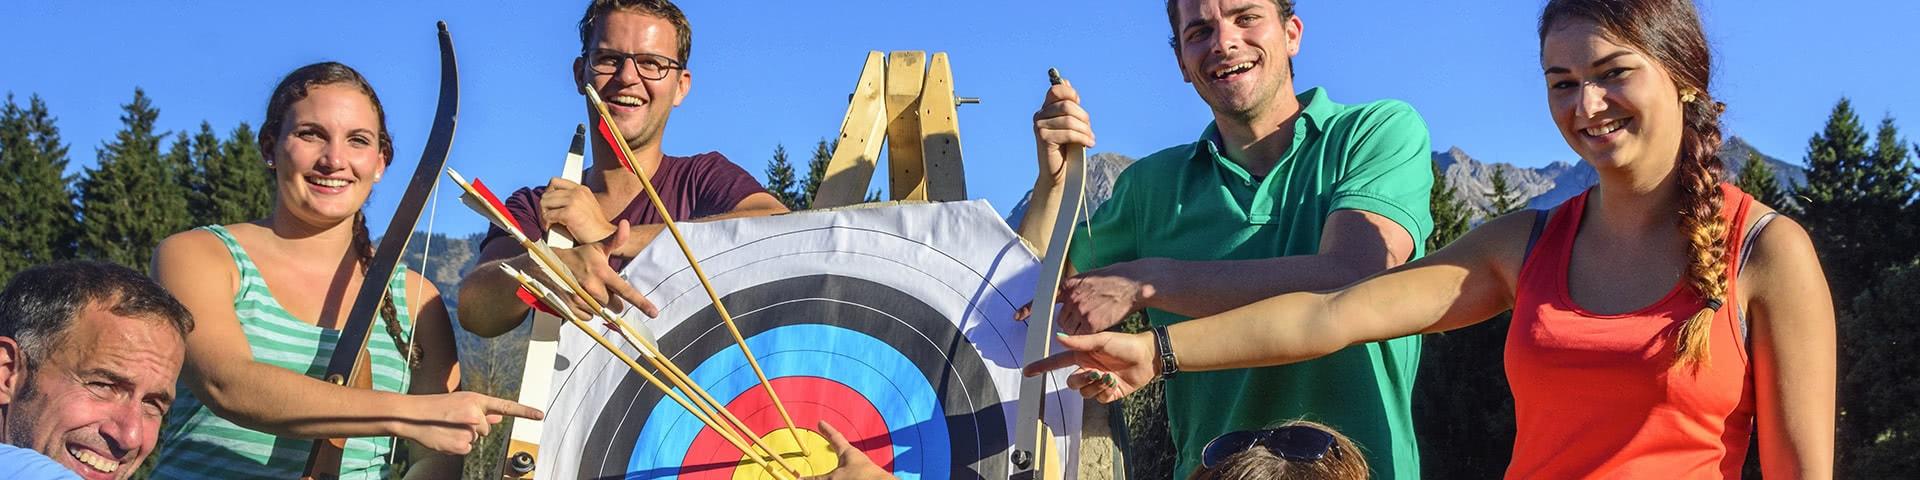 Gruppe steht an einer Zielscheibe vom Bogenschießen in Neuharlingersiel